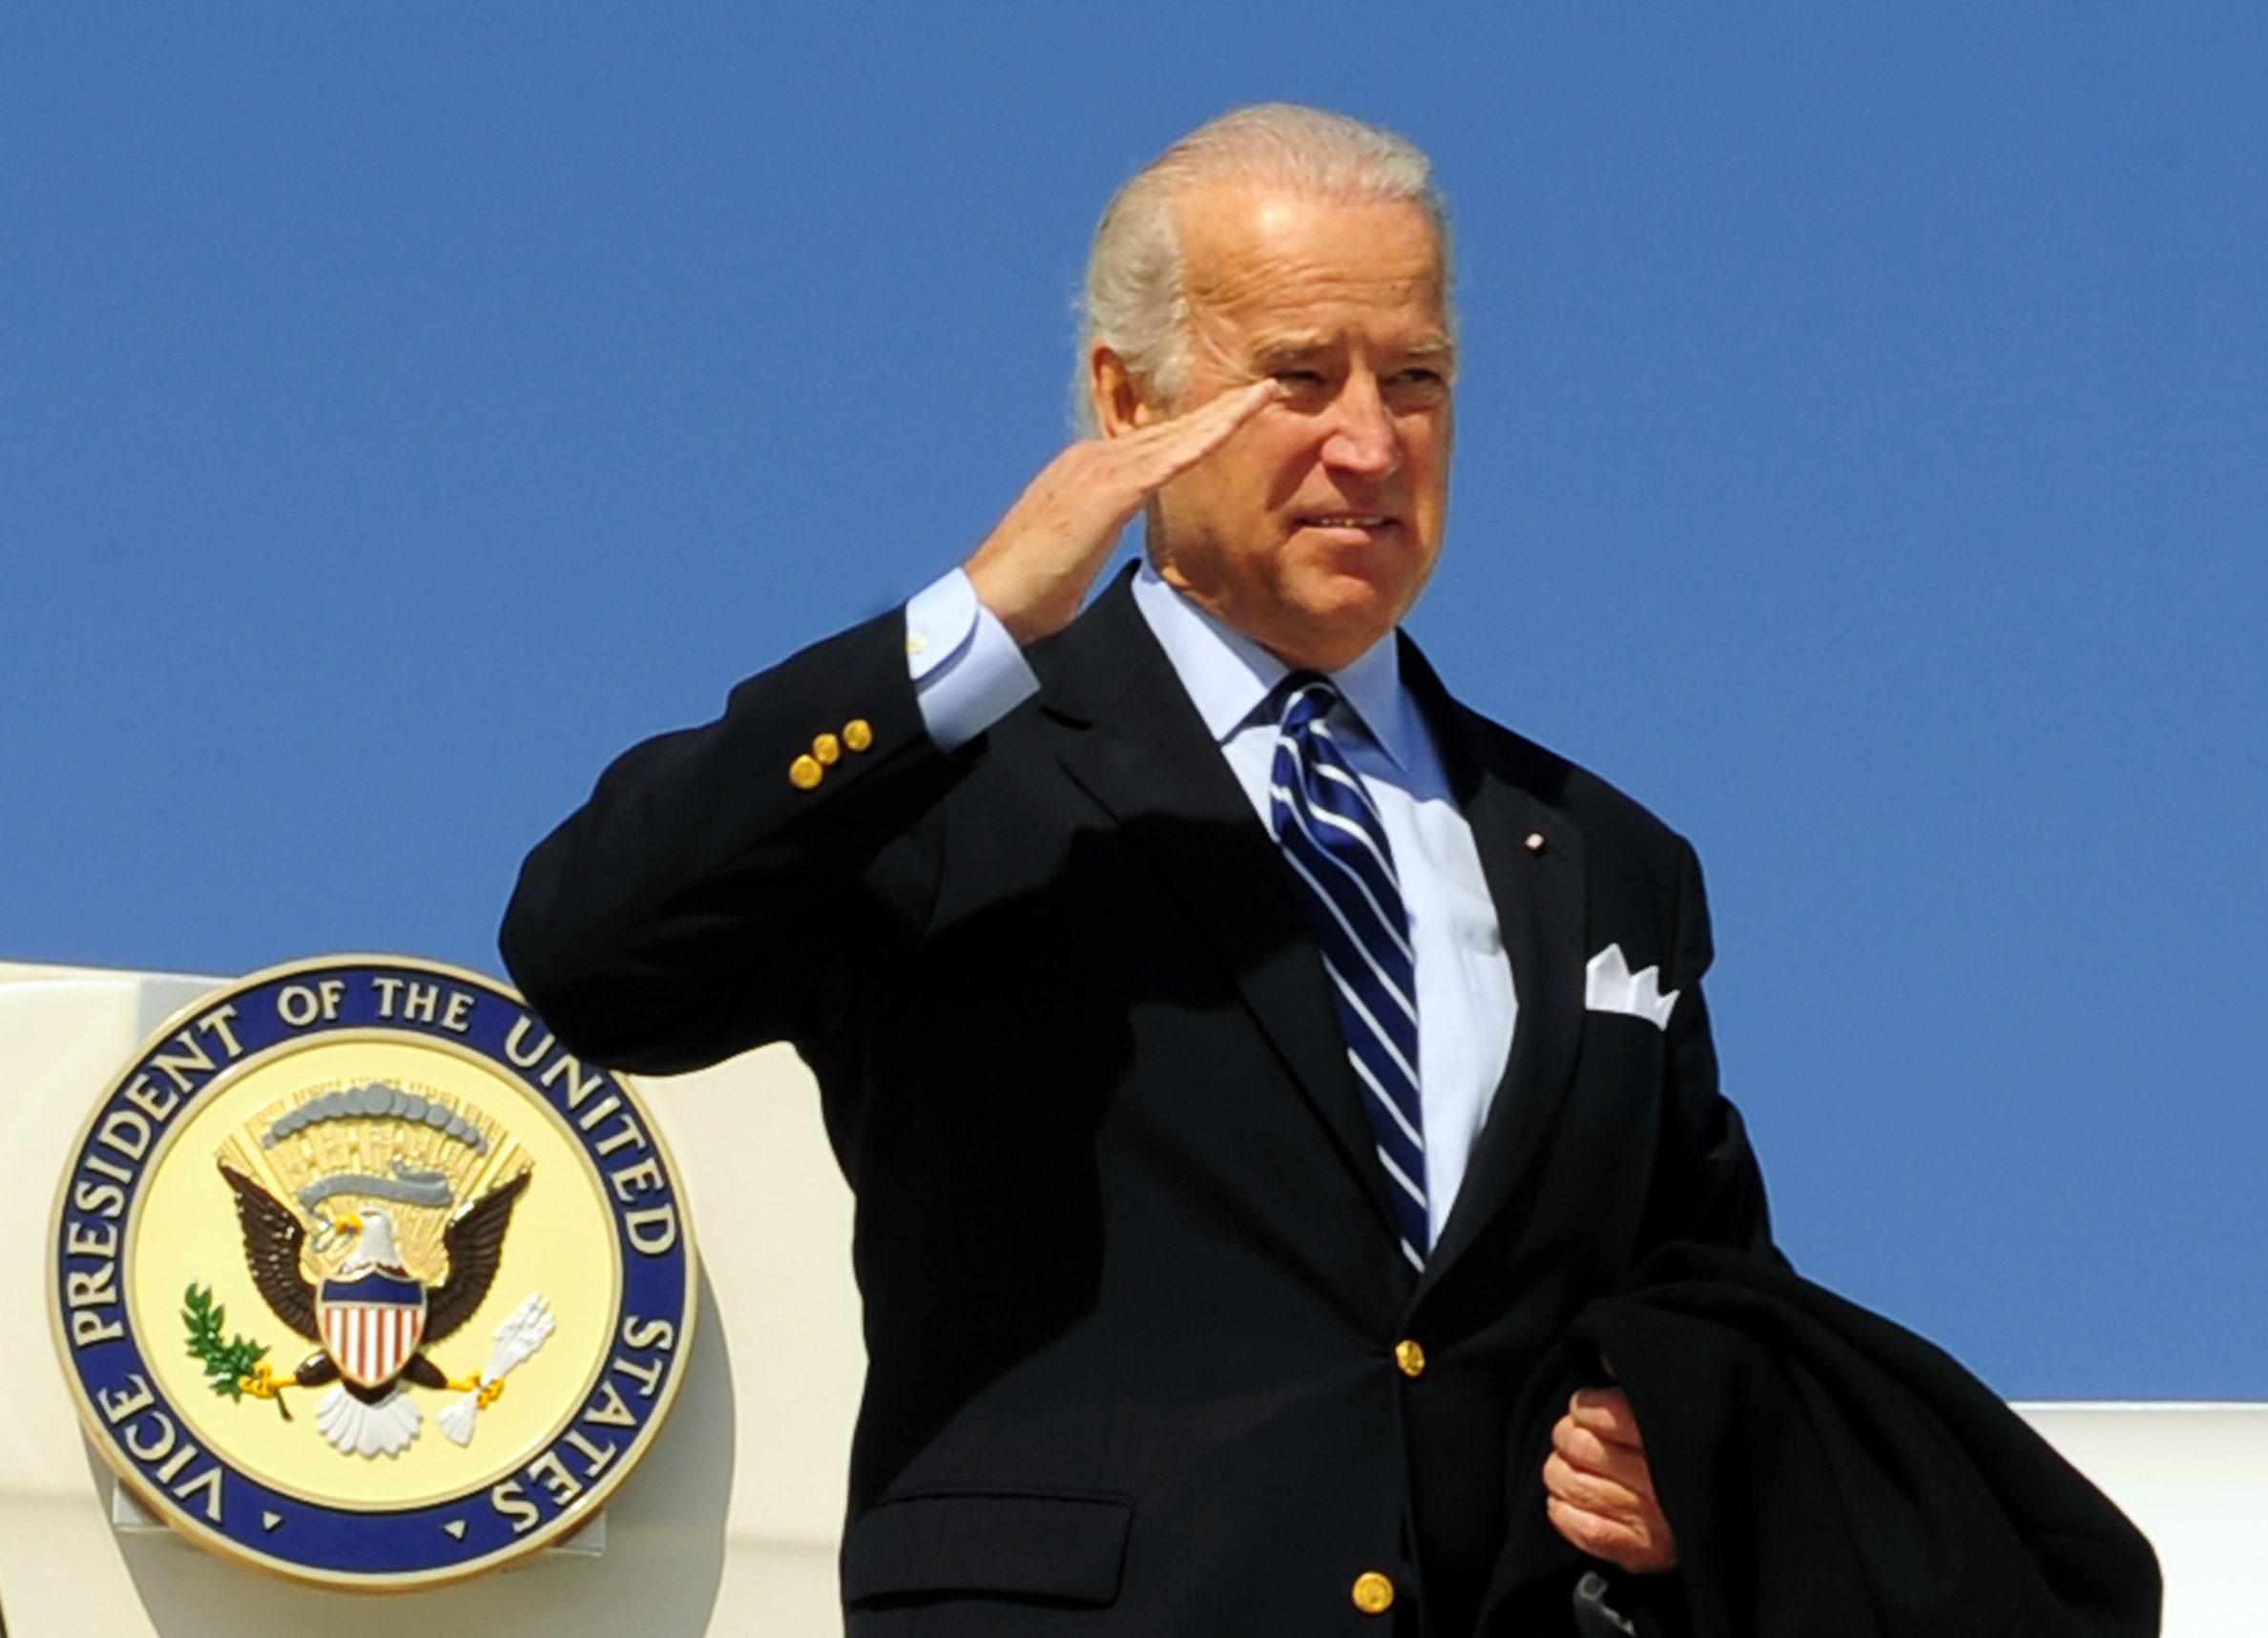 Joe Biden, un rival de categoría - Revista Estado ...